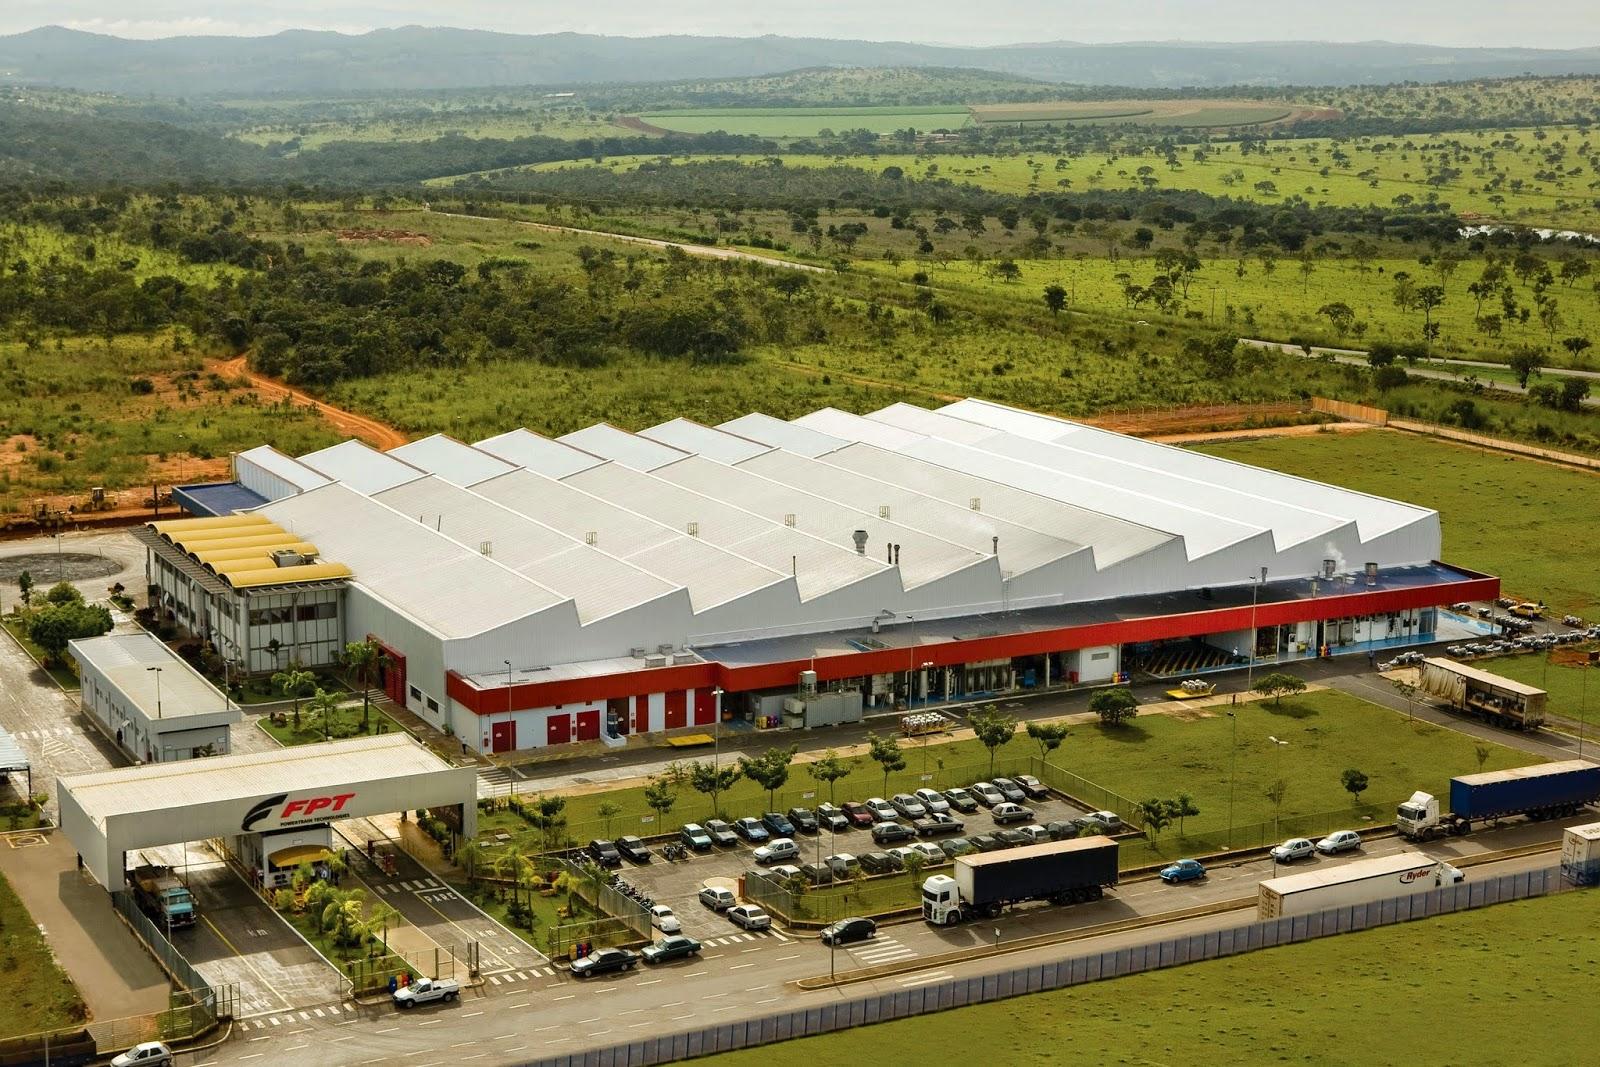 Fábrica FPT Industrial em Minas Gerais